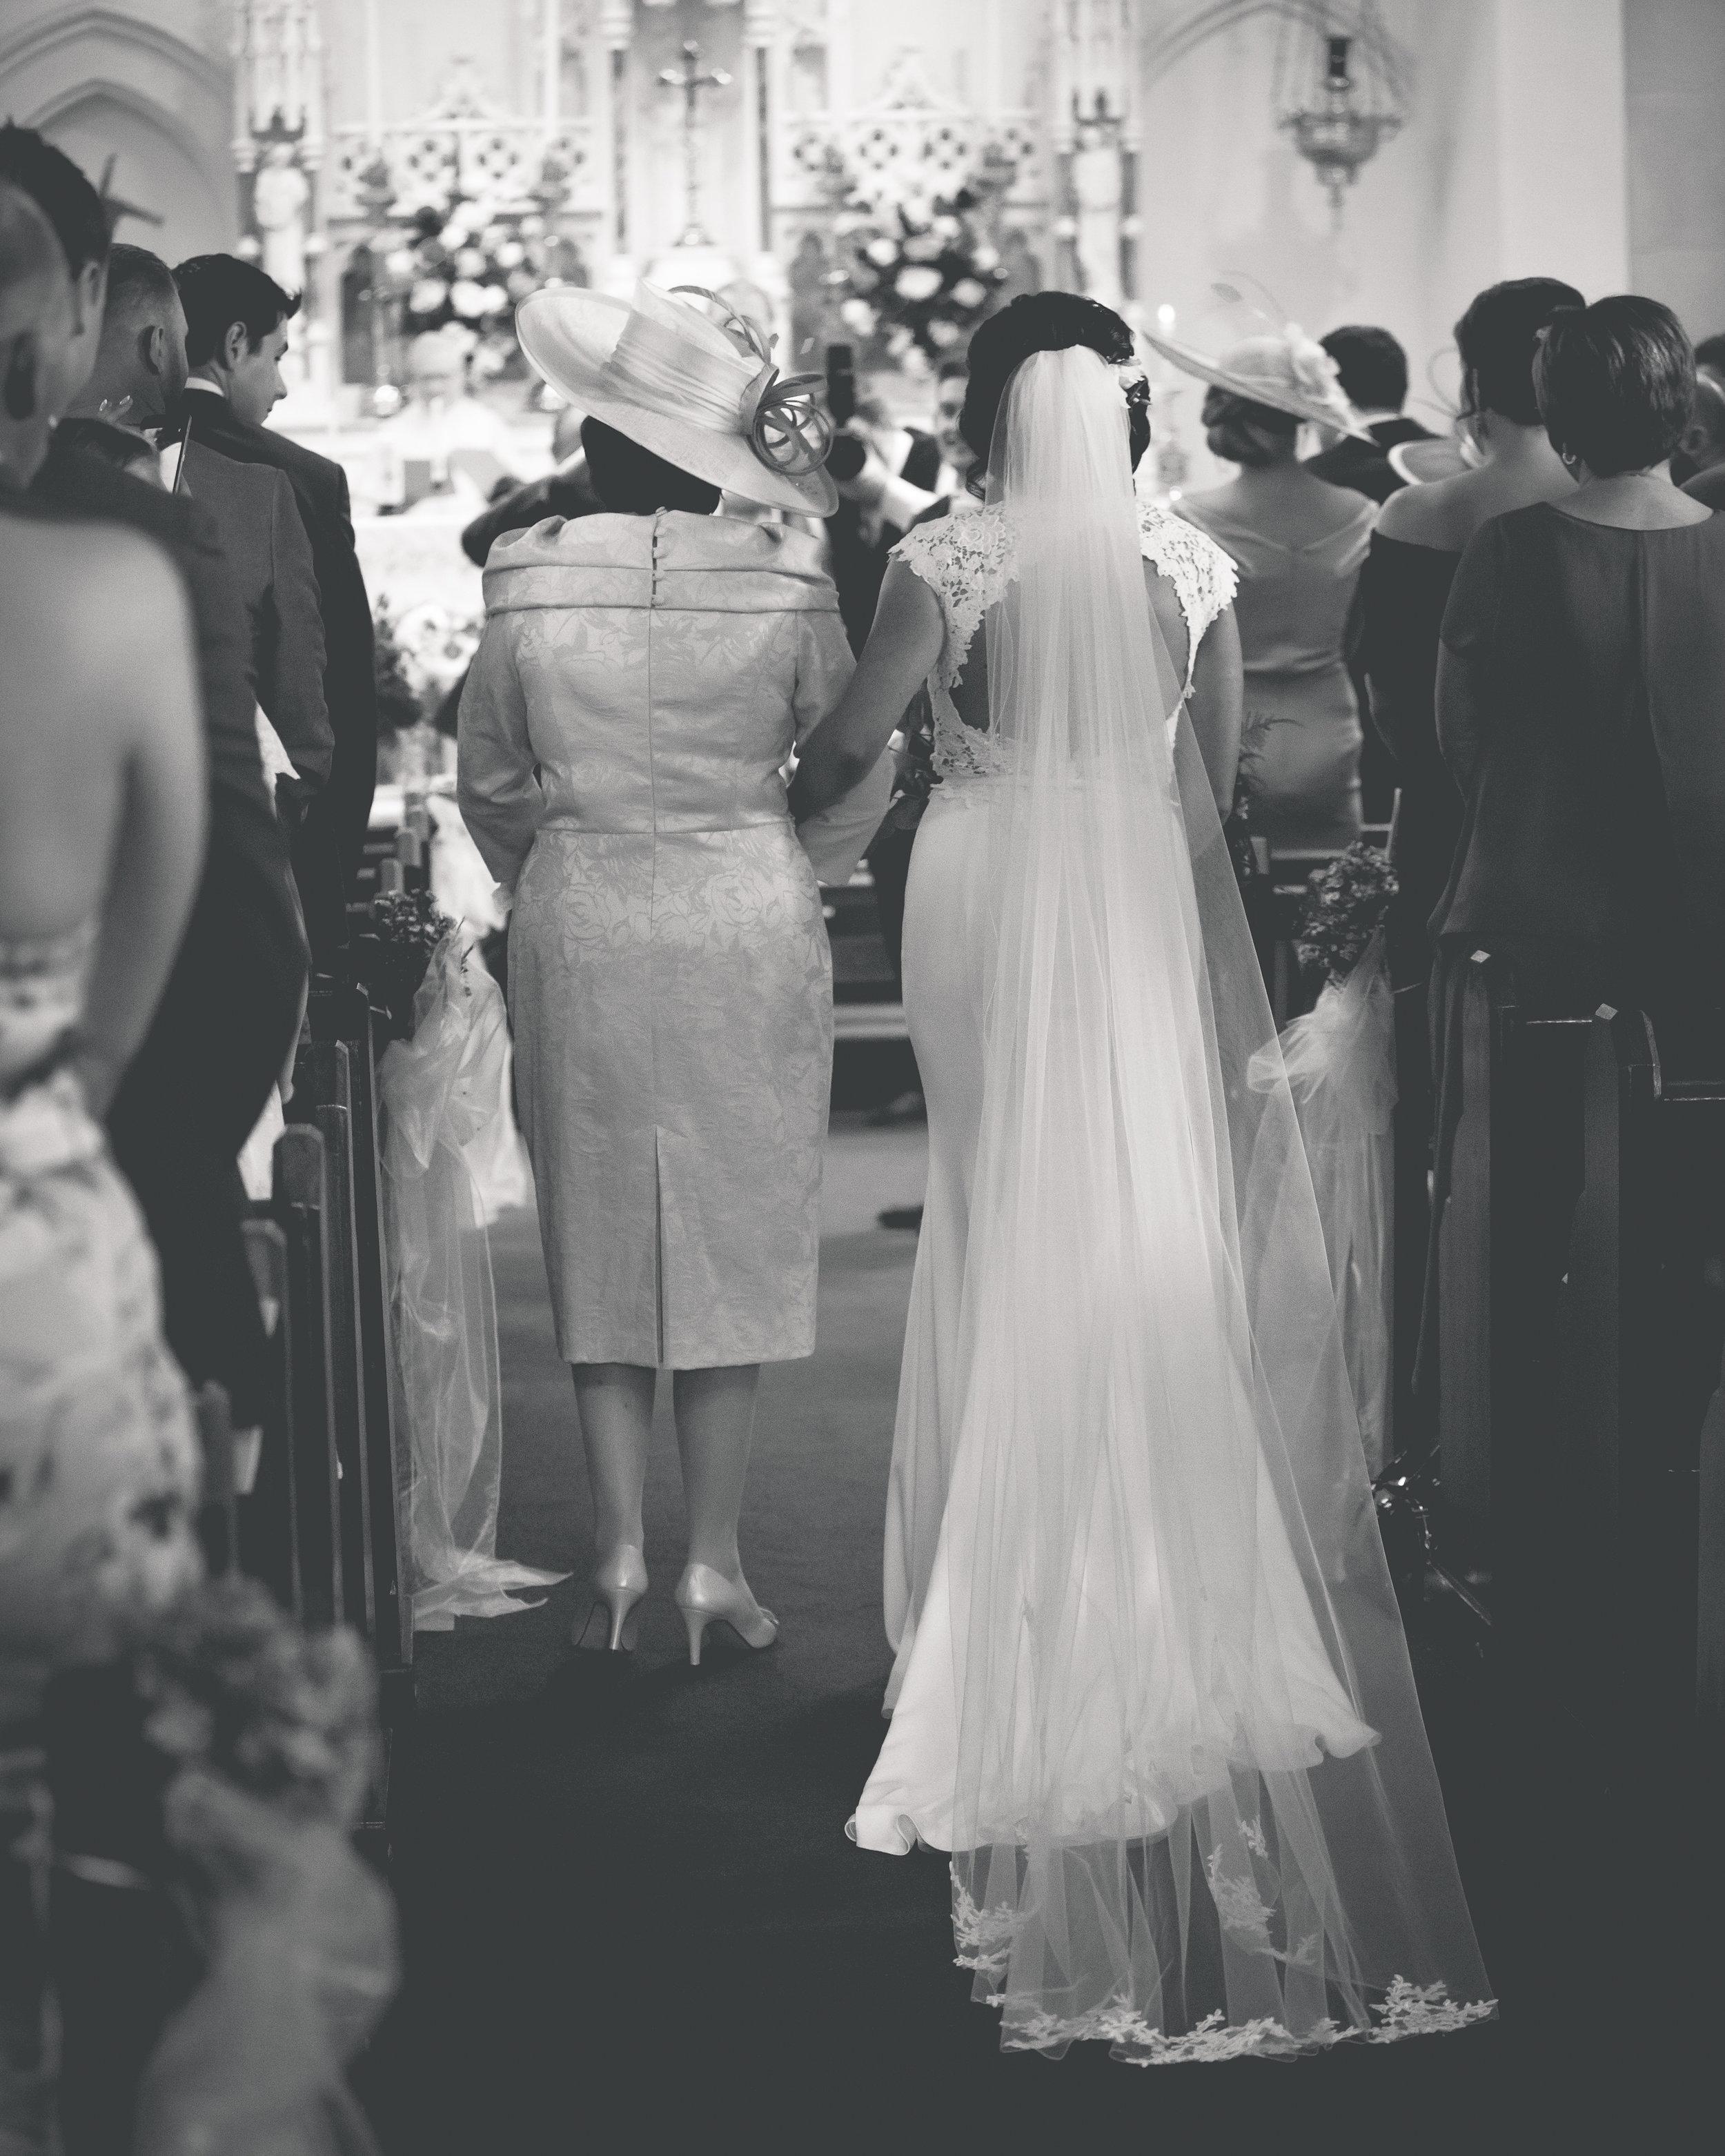 Brian McEwan Wedding Photography   Carol-Anne & Sean   The Ceremony-21.jpg